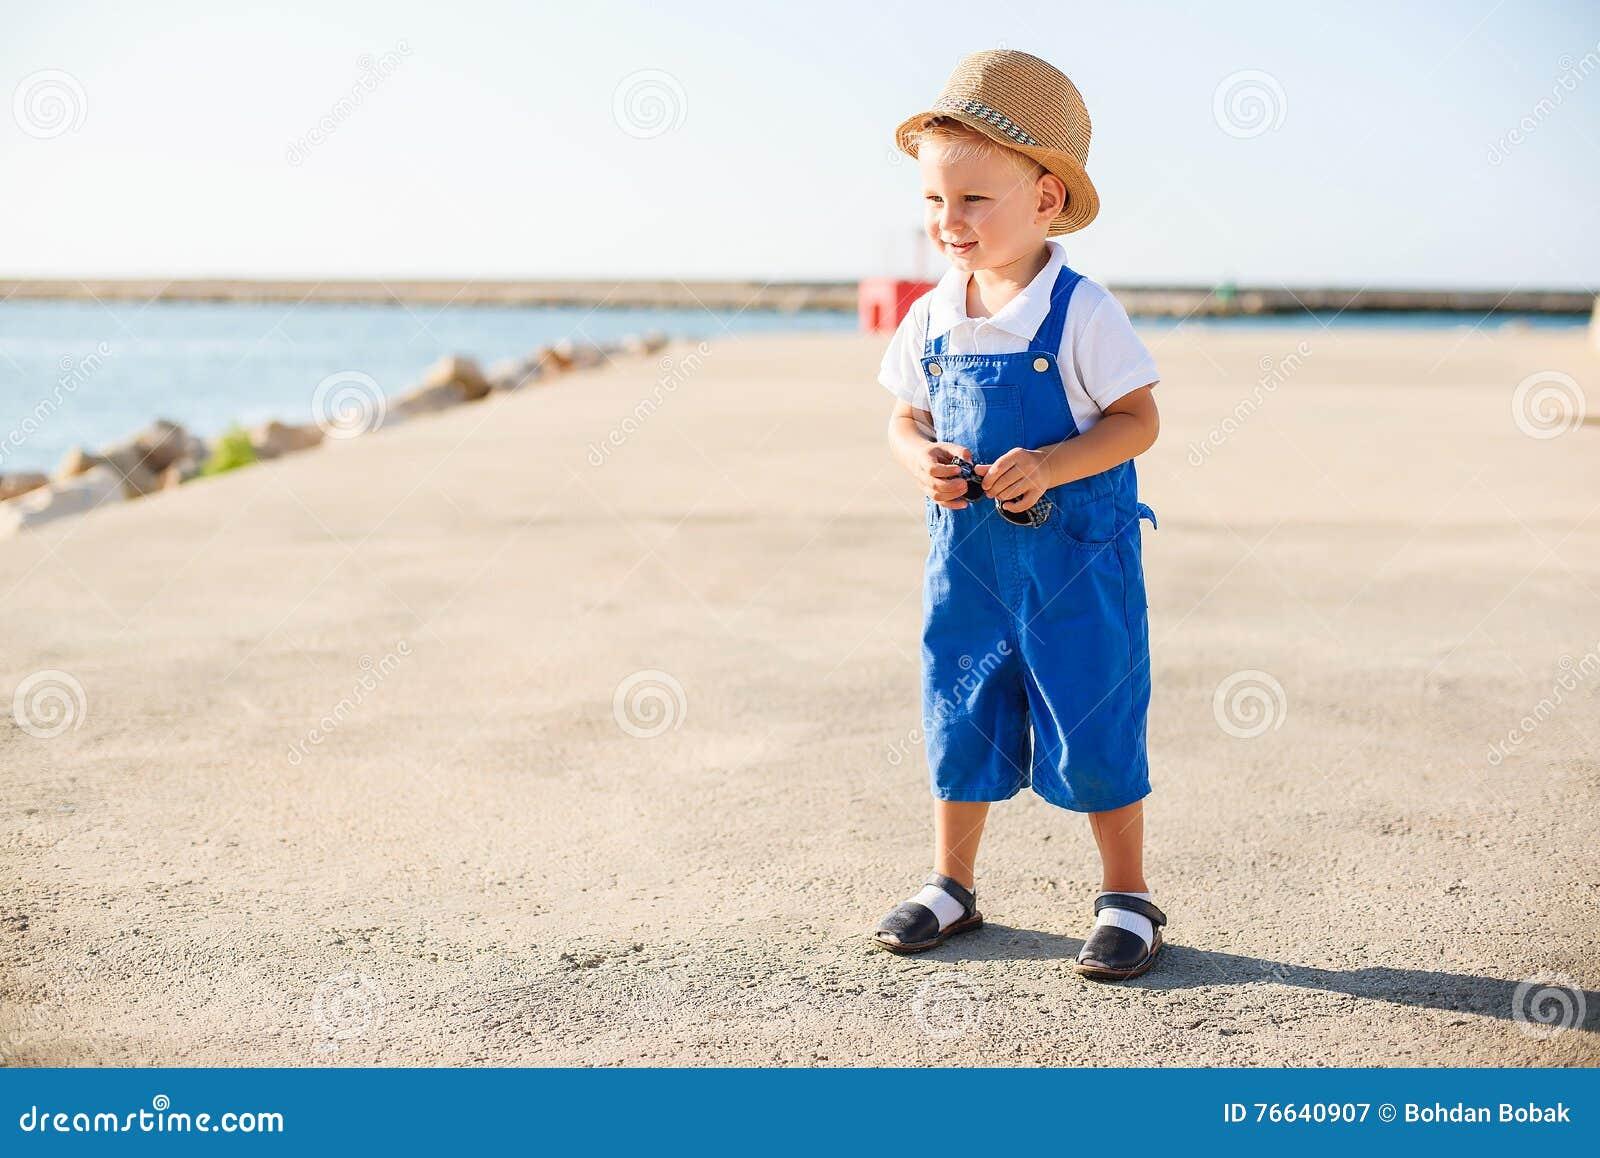 Πορτρέτο ενός χαριτωμένου ξανθού αγοριού στο καπέλο